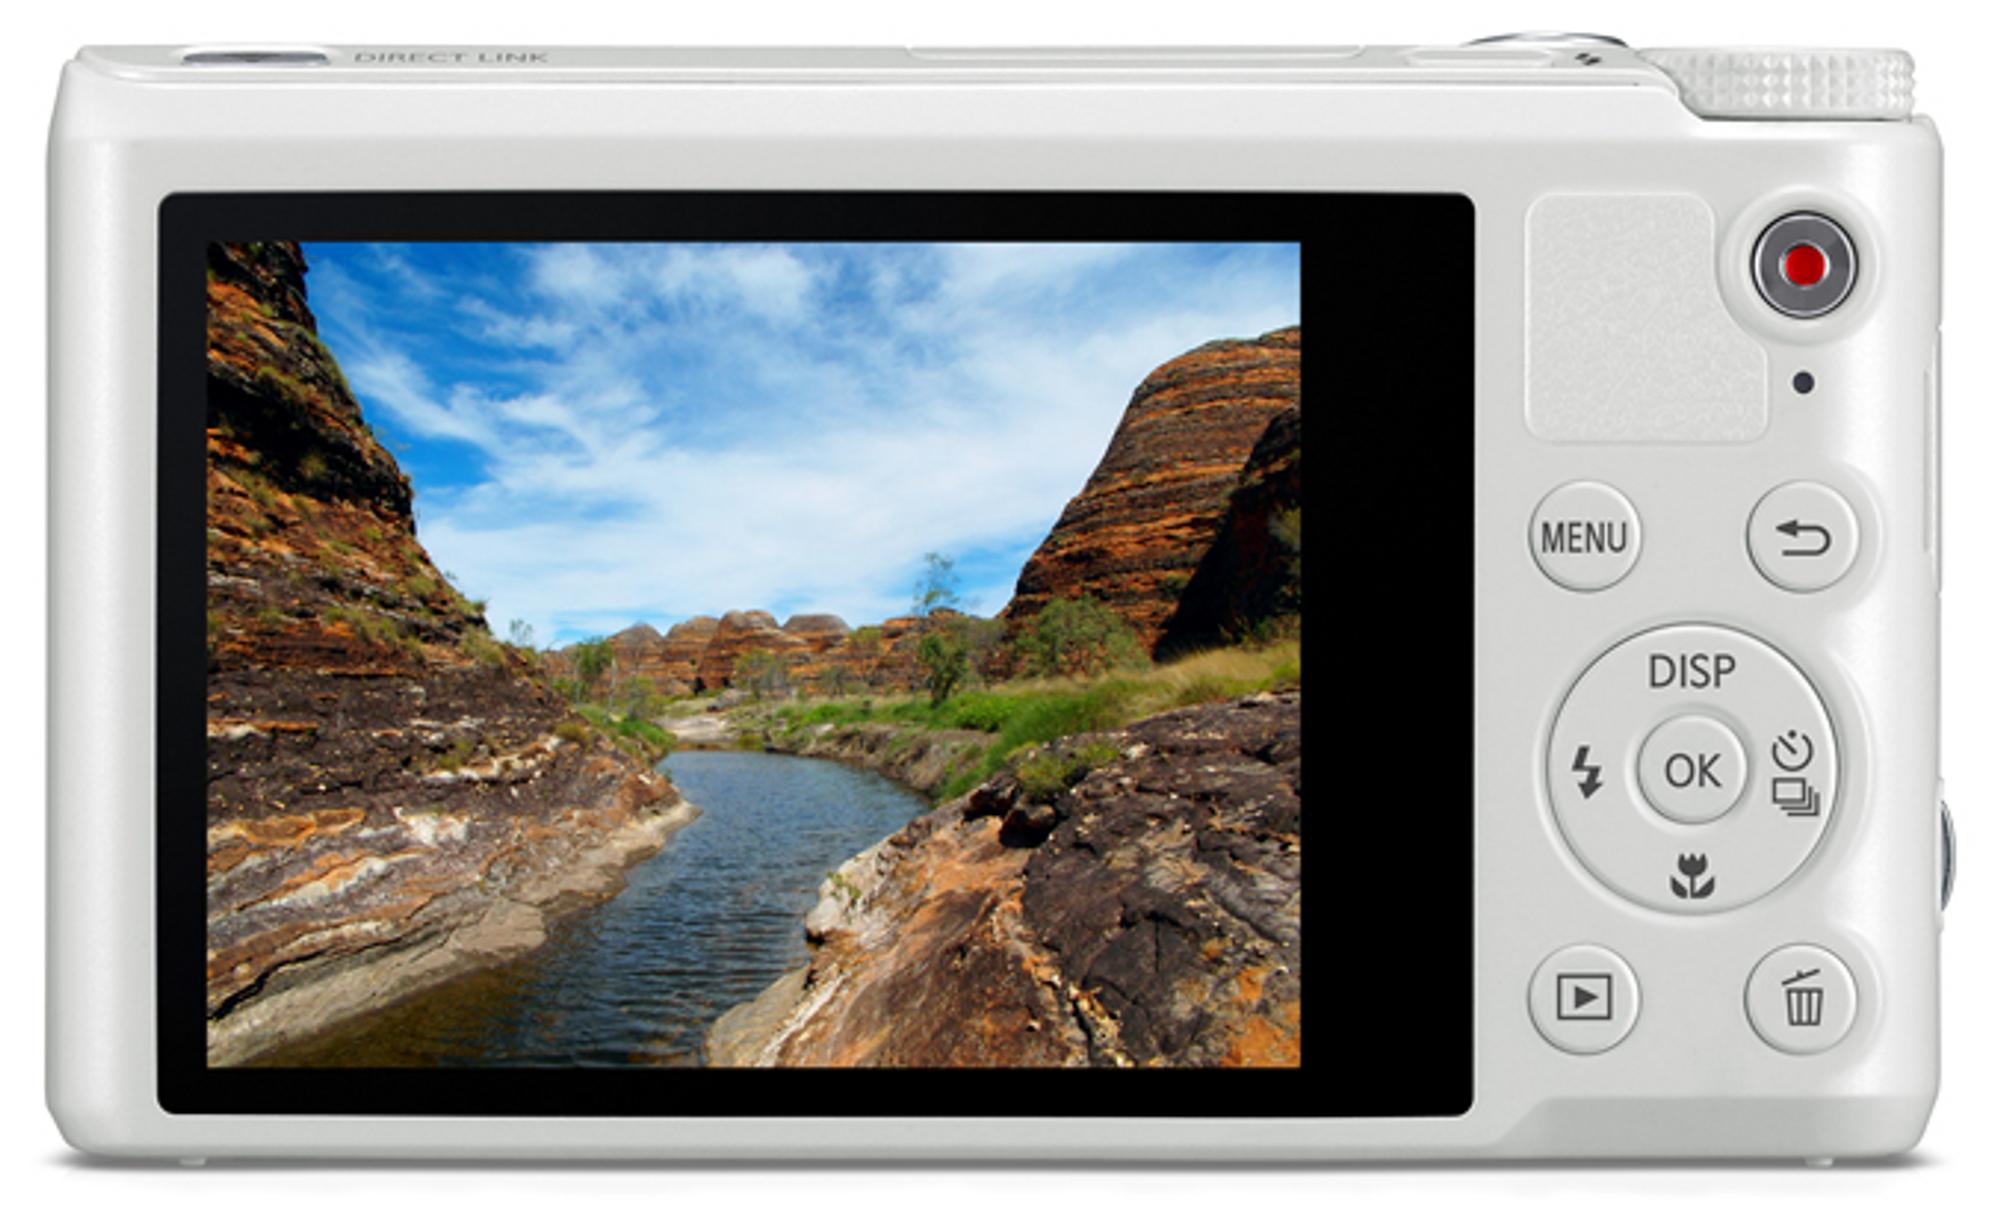 WB250F har touchskjerm, og lar deg kontrollere kameraets innstillinger.